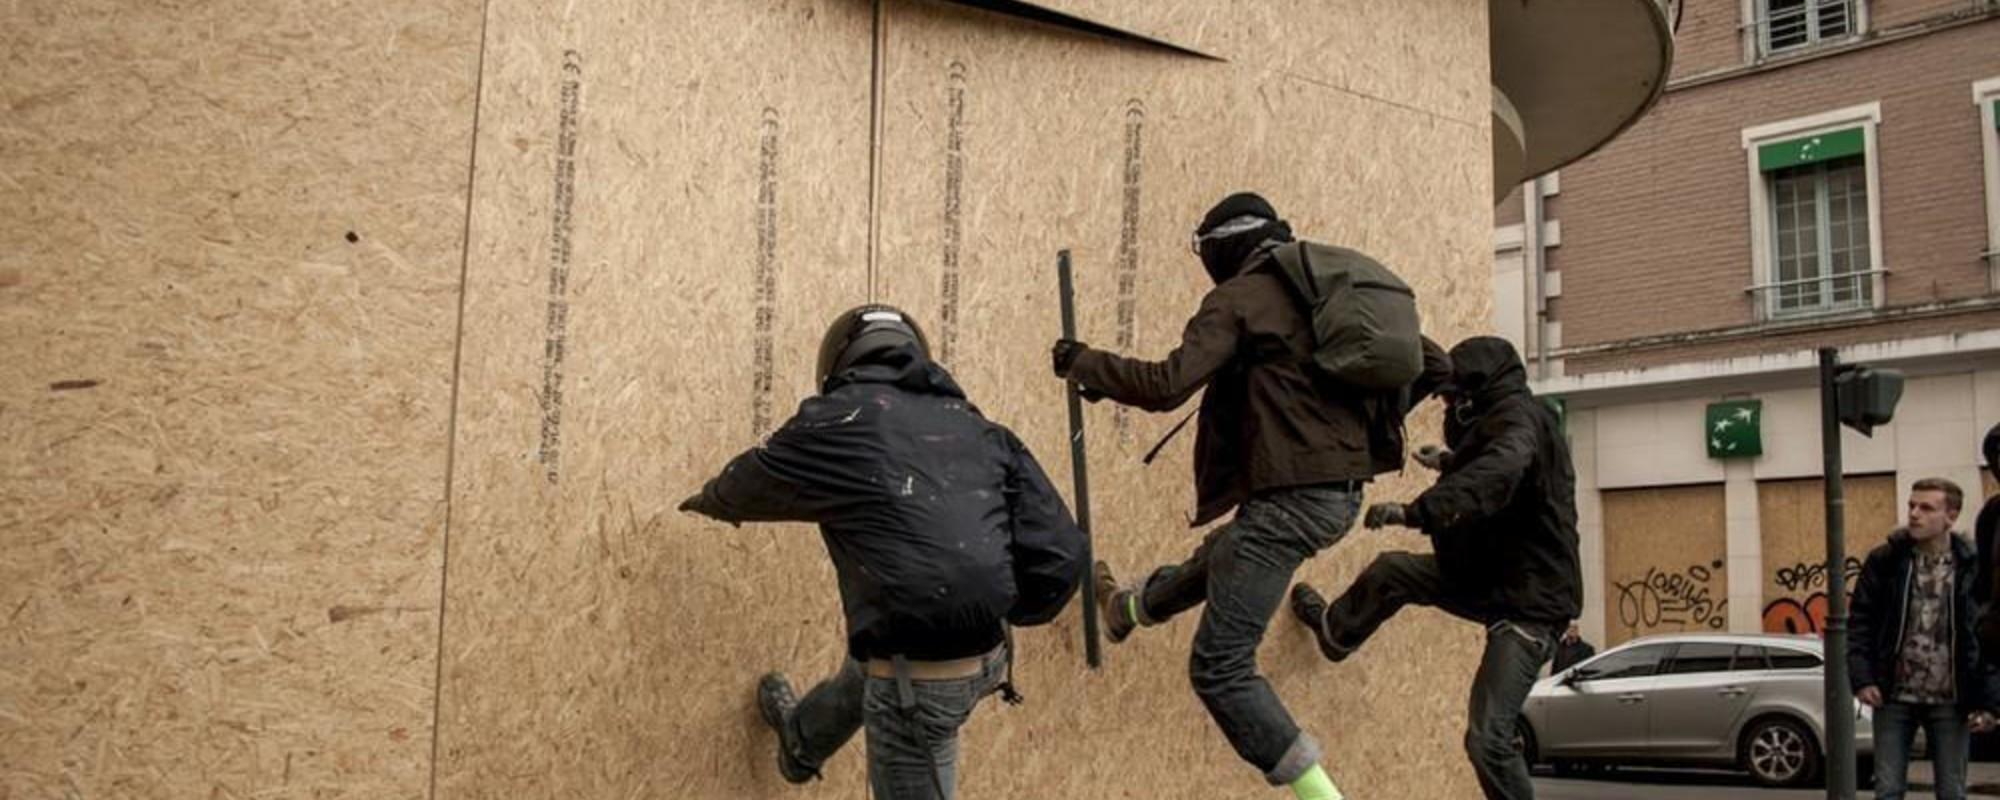 Οι Γαλλικές Τράπεζες Φοβούνται Τόσο Πολύ Τους Διαδηλωτές Που Χτίζουν Οχυρά στα Κτίριά τους